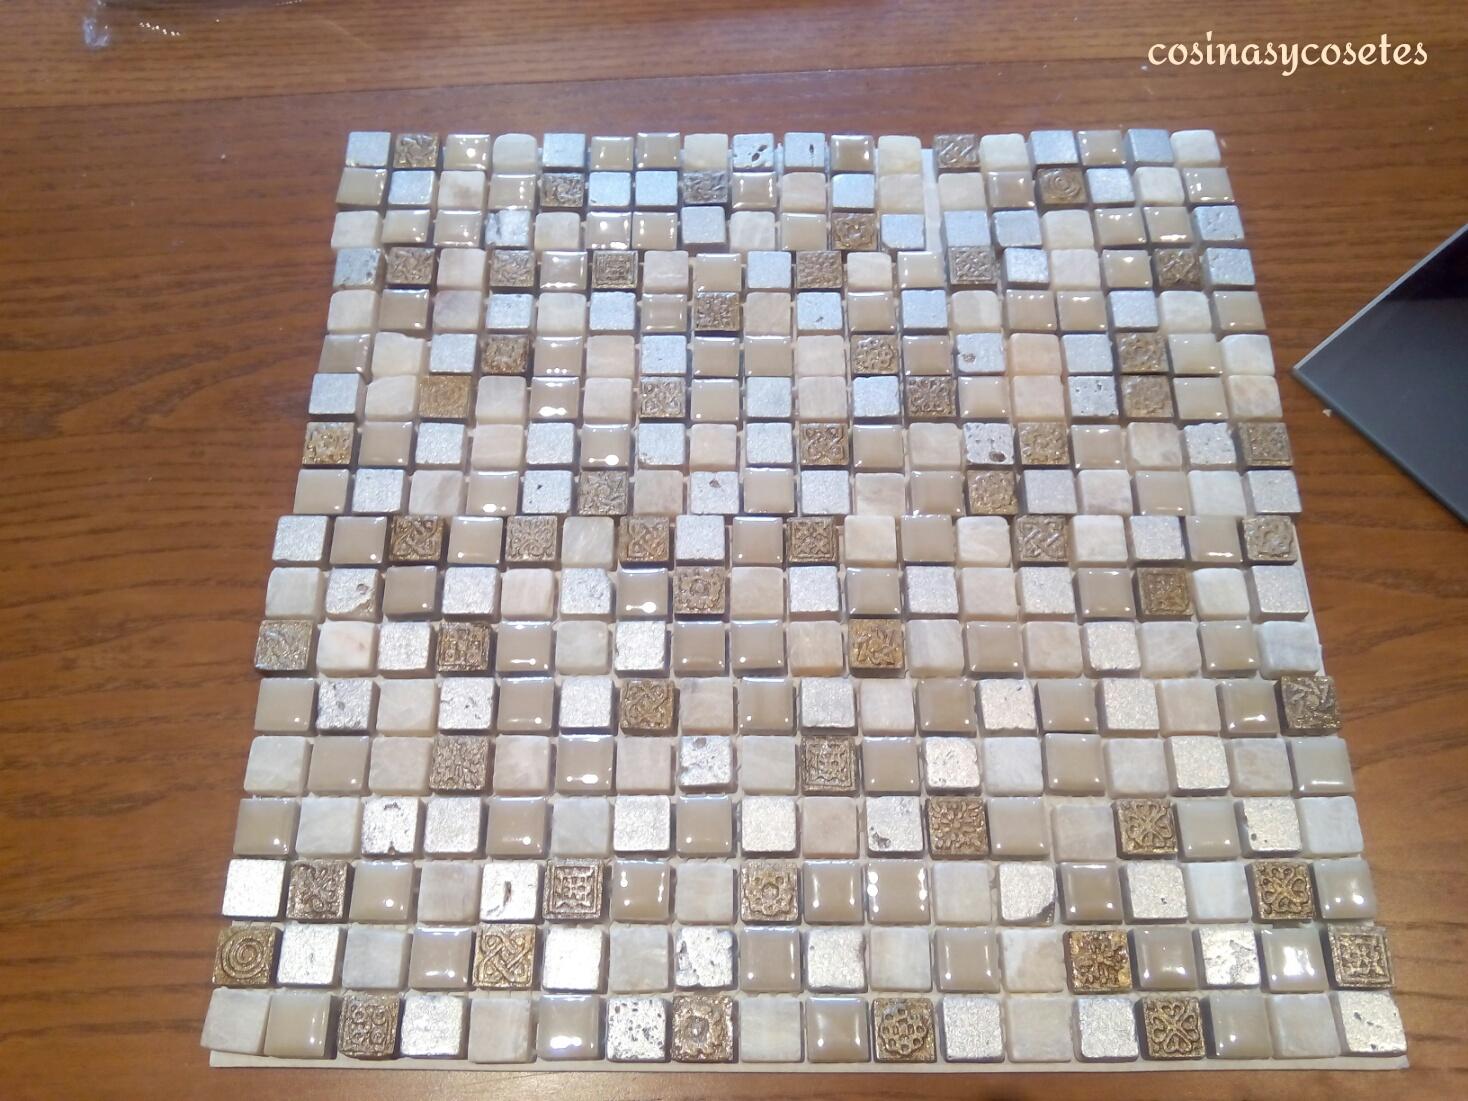 Cosinas y cosetes diy marcos para espejos con azulejo - Azulejos de gresite ...